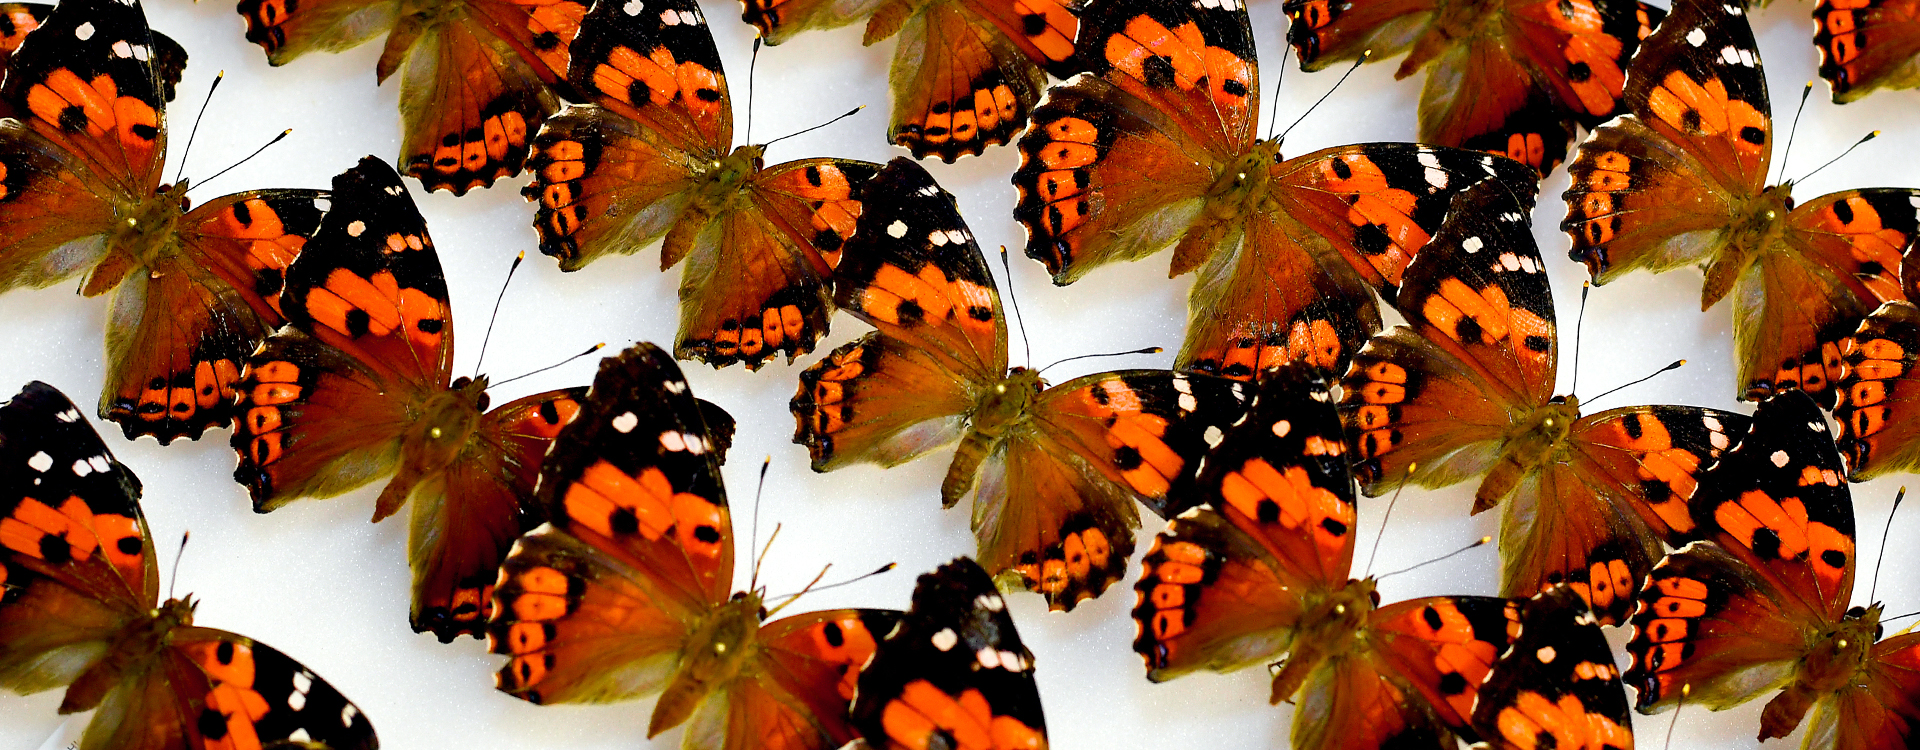 Kamehameha butterflies angle